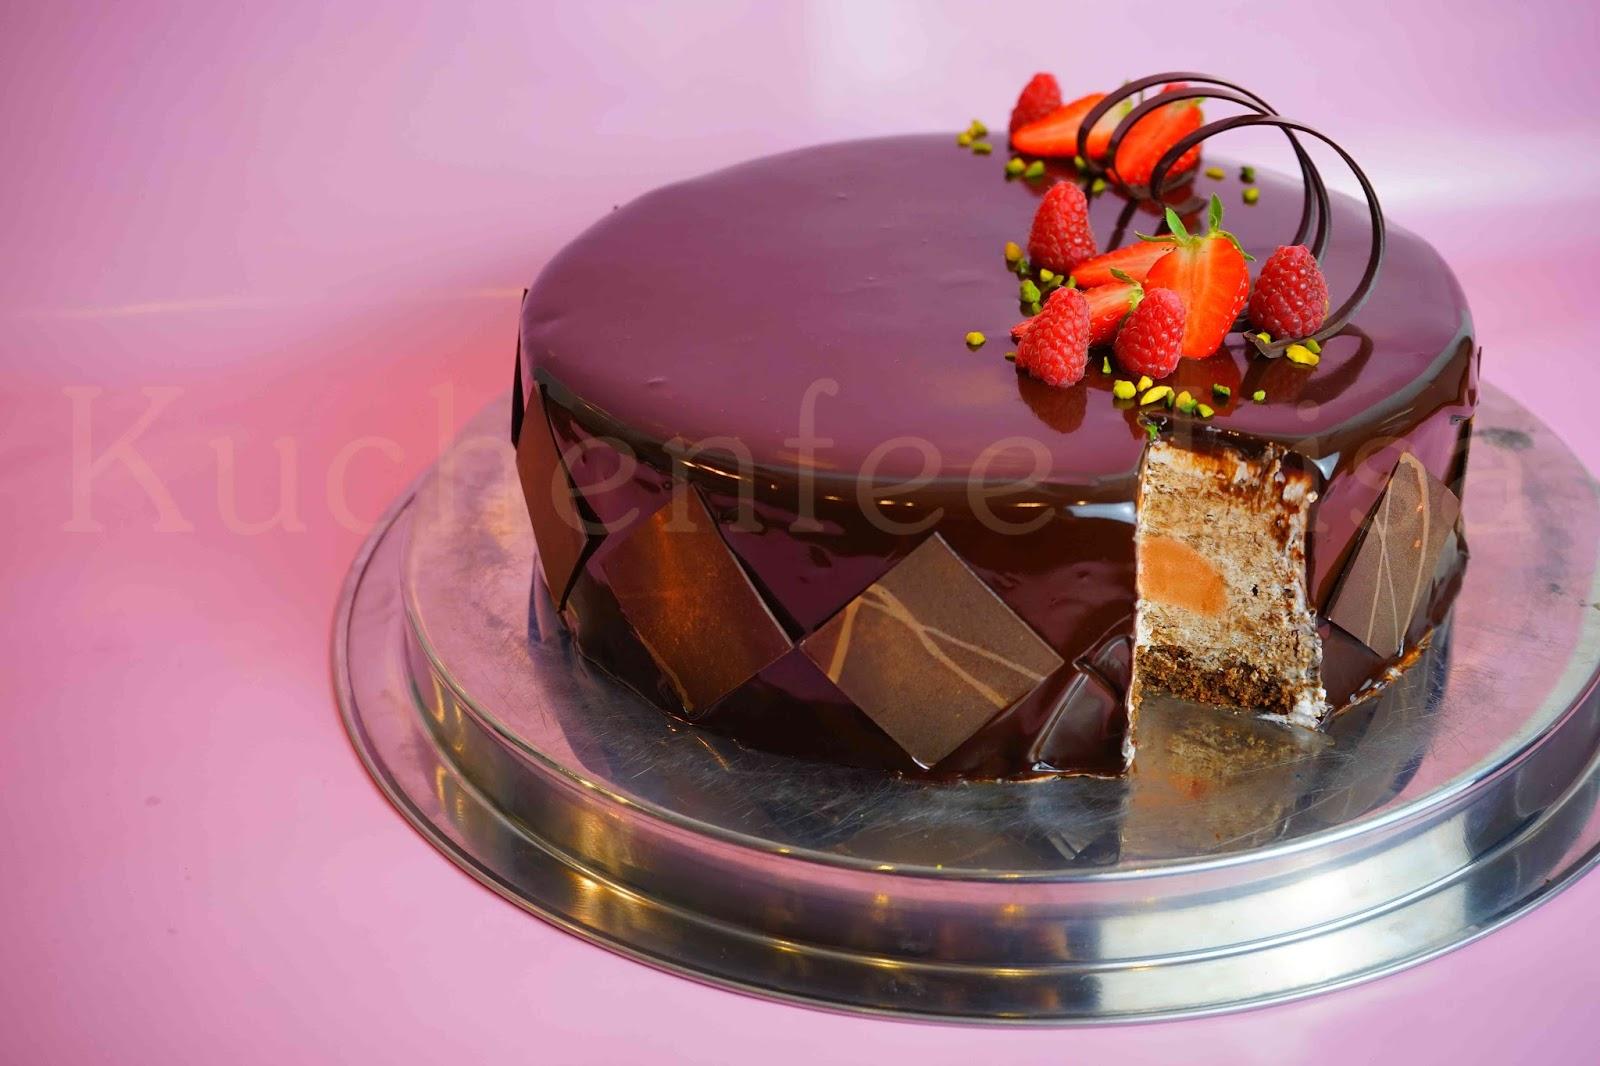 die super coolen küchen von mobalpa - 2014-11-05 - mobelsays ... - Hochglanz Kuchen Badmobel Mobalpa